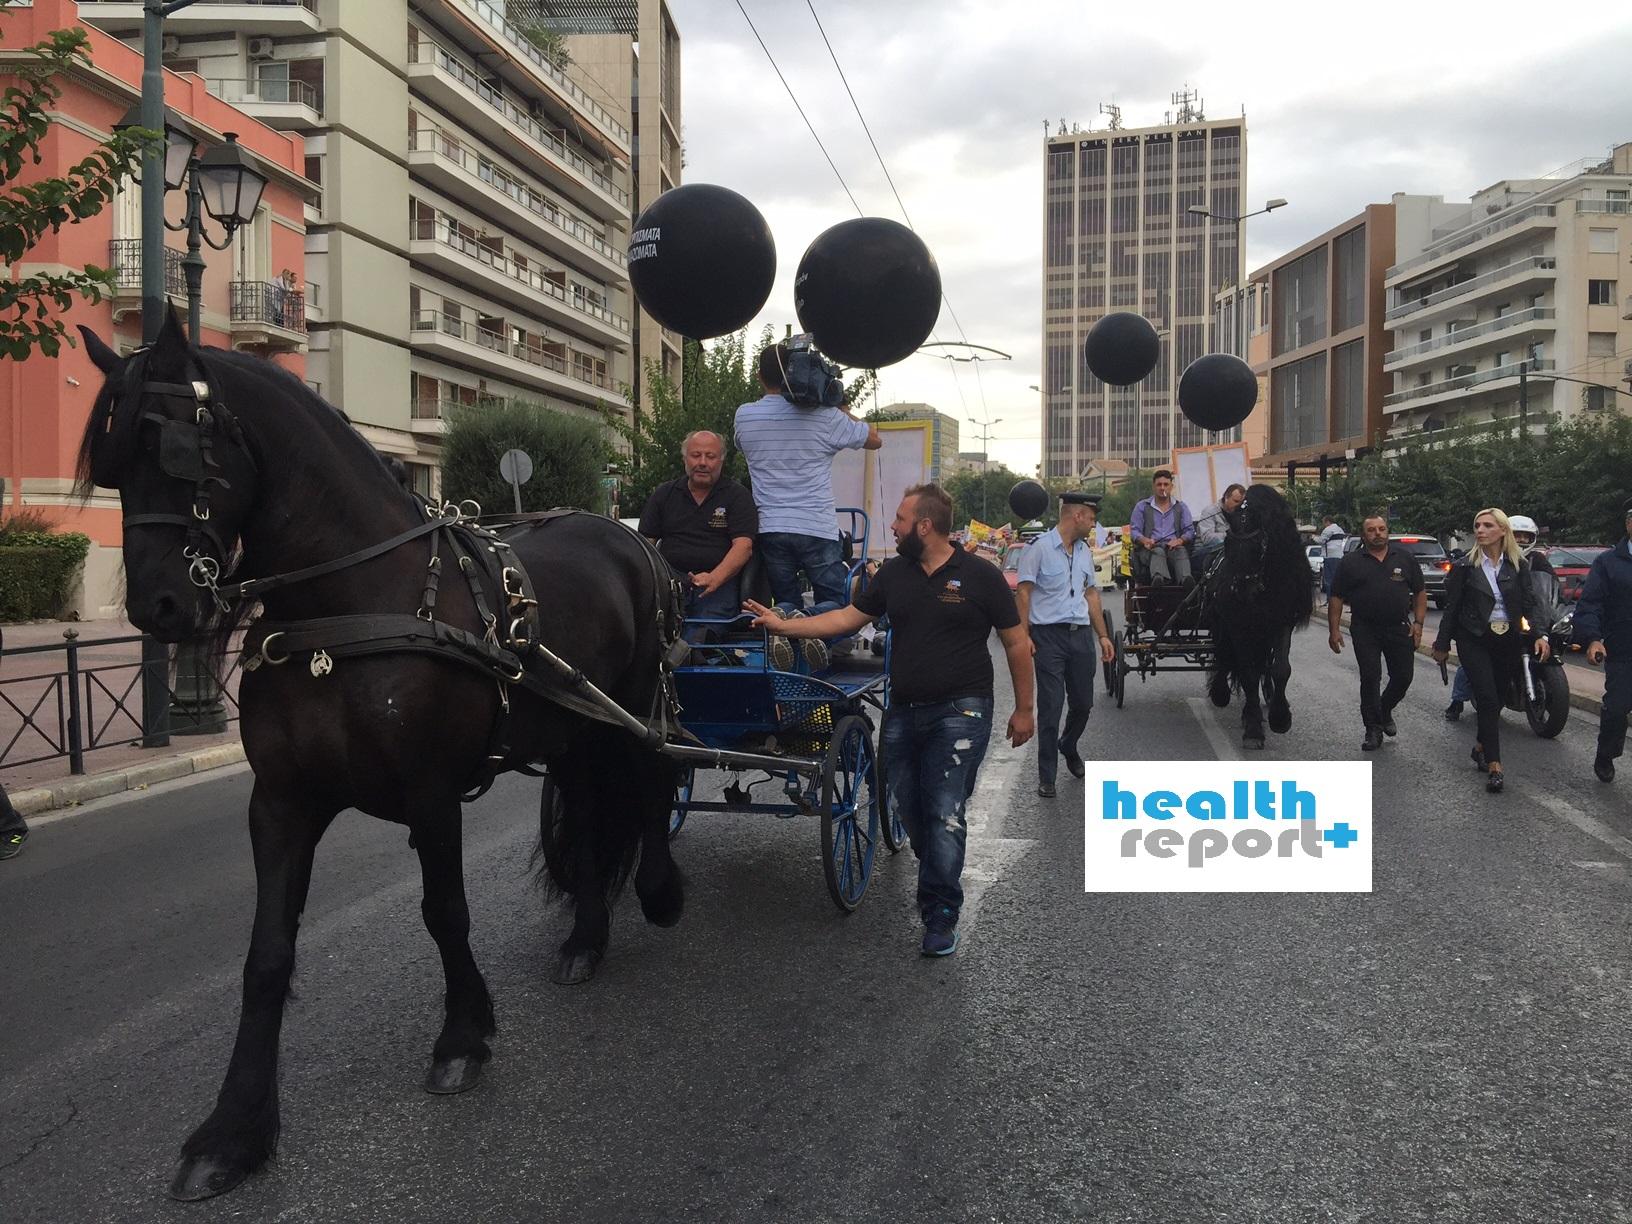 Δείτε την εντυπωσιακή διαδήλωση διαμαρτυρίας των εργαζομένων στο ΕΣΥ στο υπουργείο Υγείας! (ΦΩΤΟ)